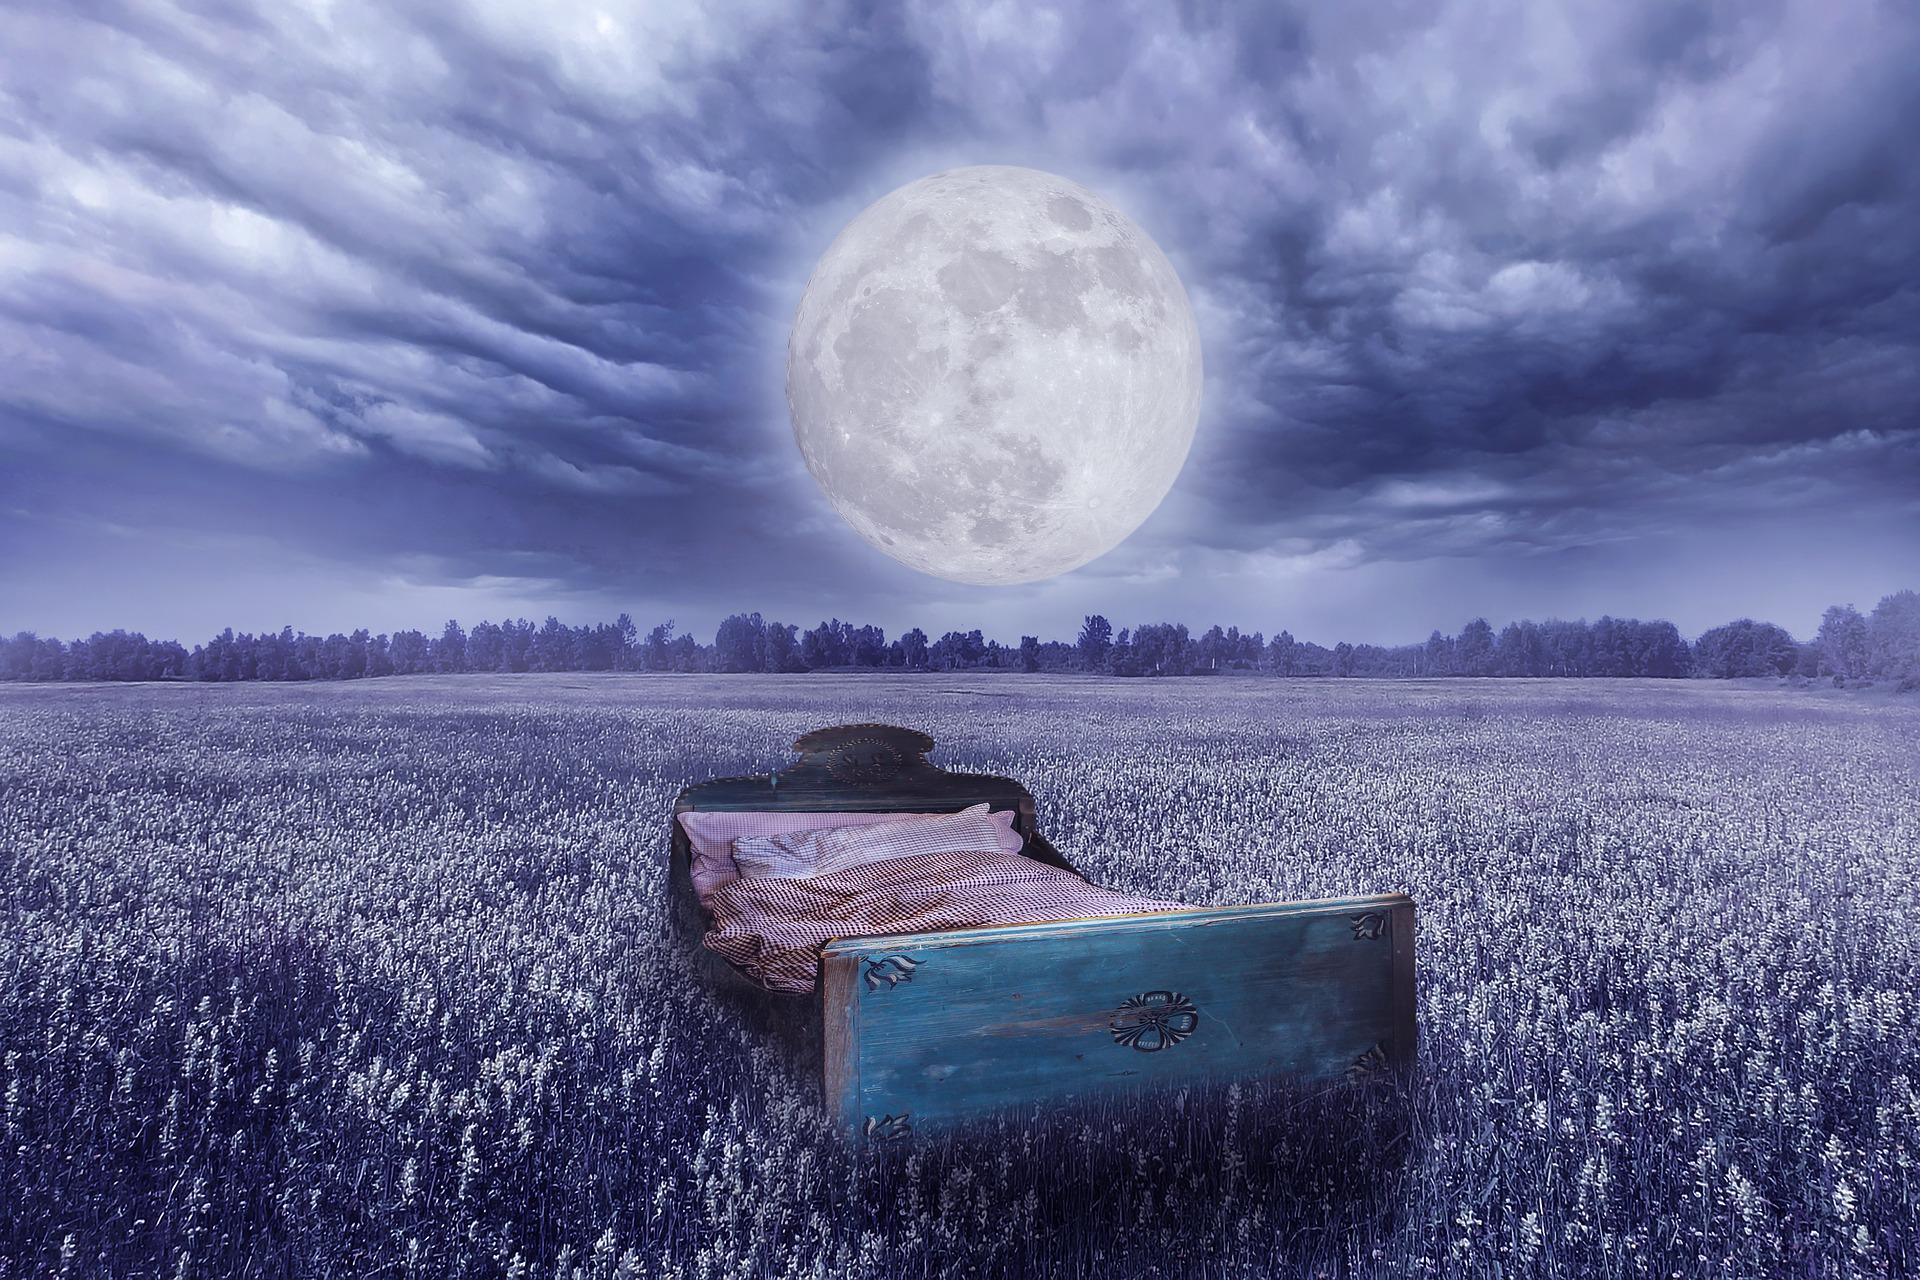 luna llena sueño dormir